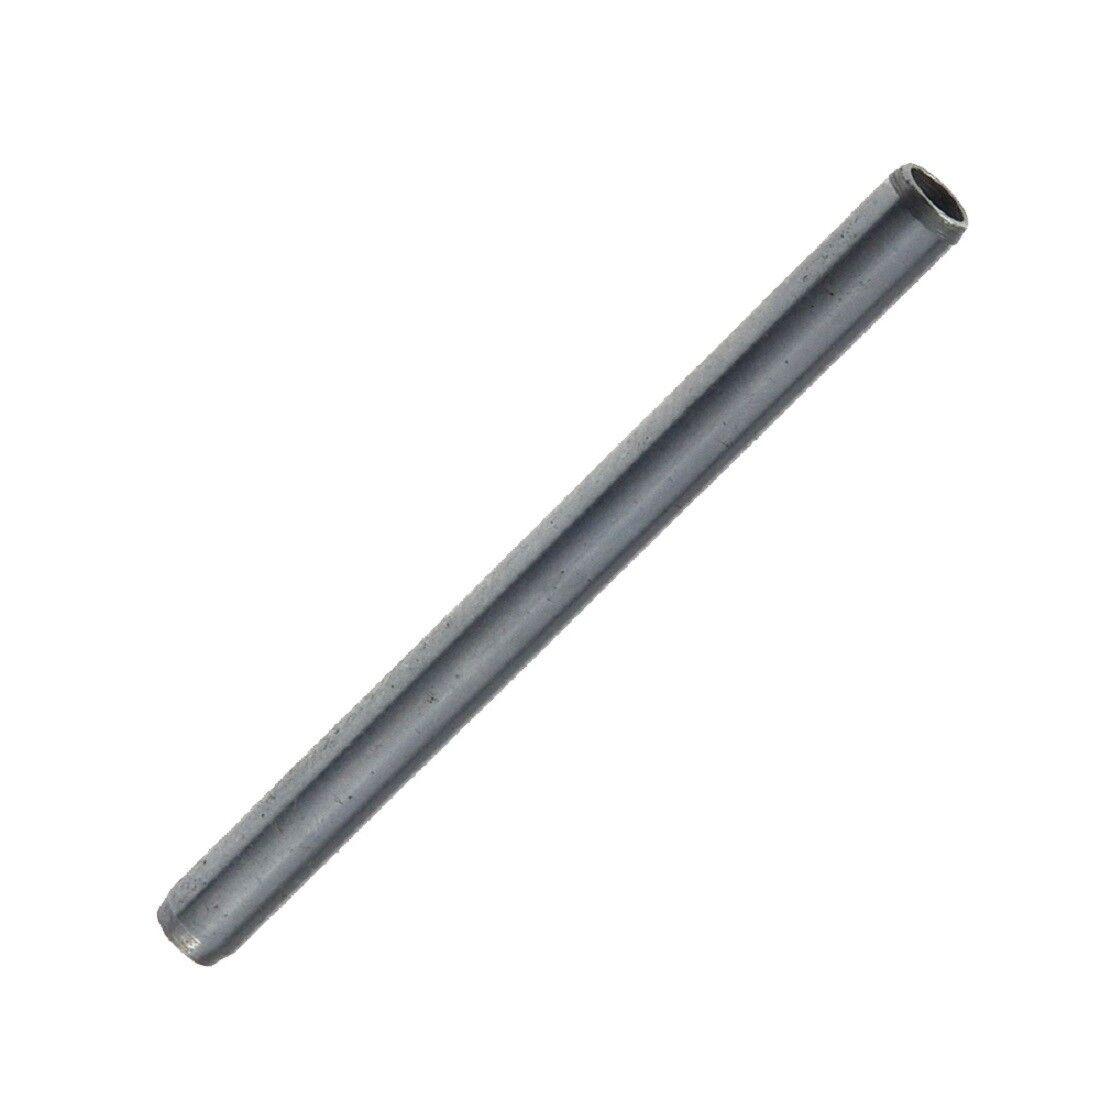 Zylinderstifte Innengew Form D geh m6 DIN 7979 DIN EN ISO 8735 blank d 5 - 8